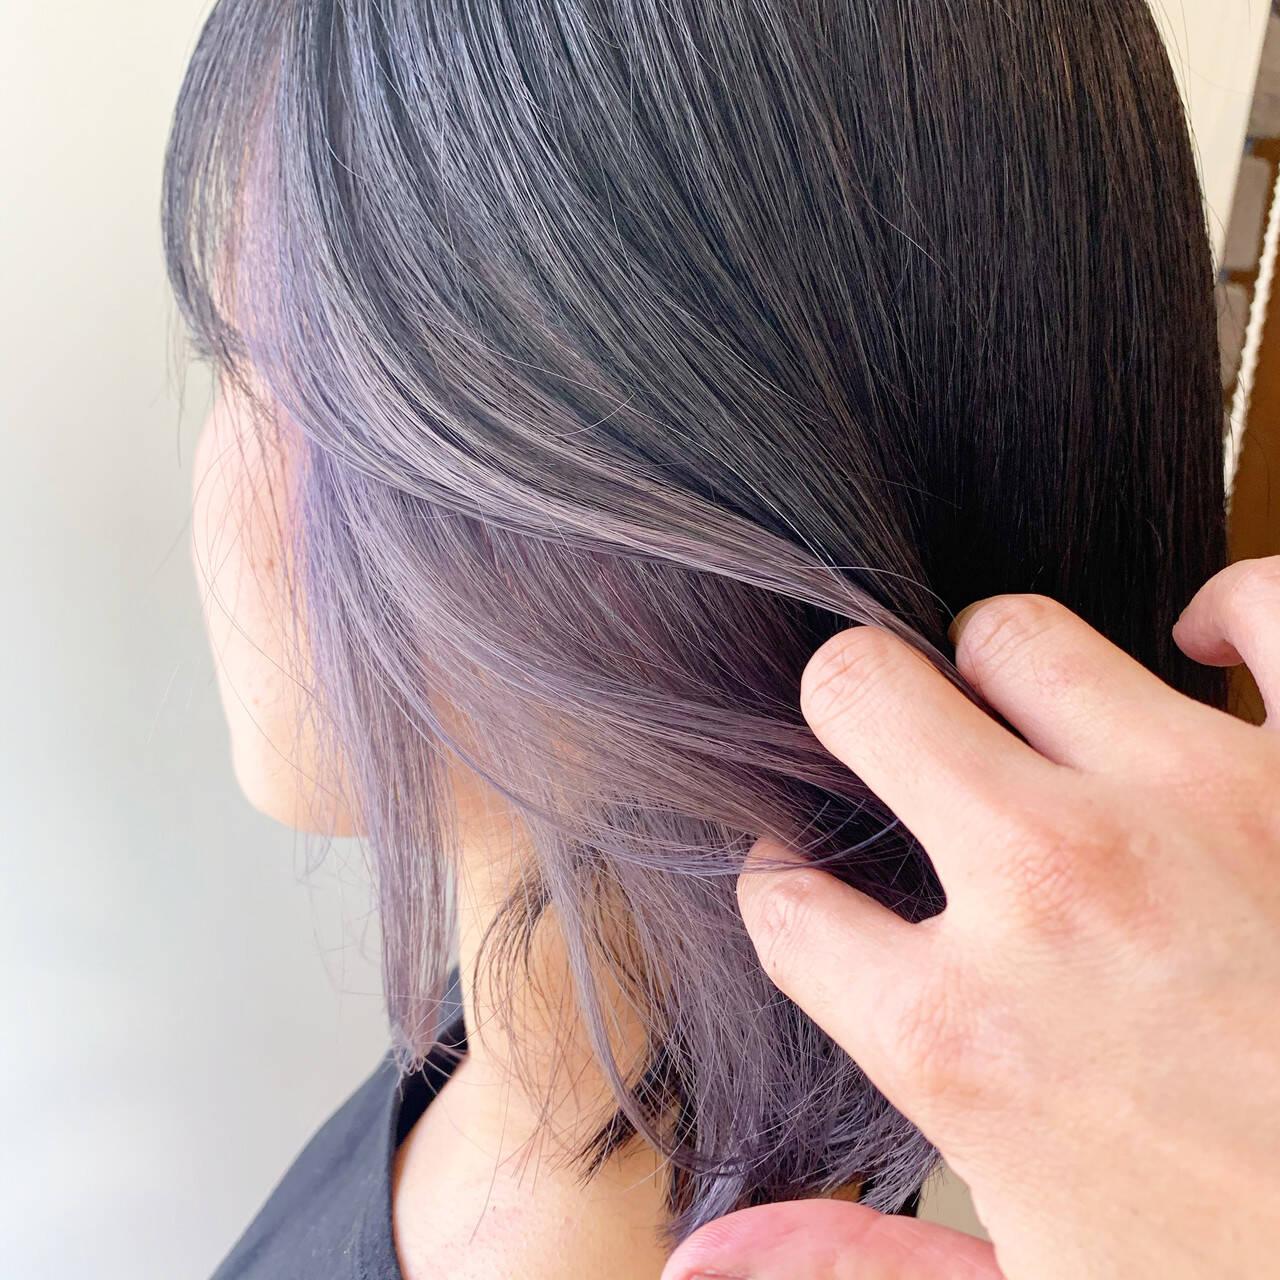 ダブルカラー ラベンダーアッシュ ストリート ミディアムヘアスタイルや髪型の写真・画像